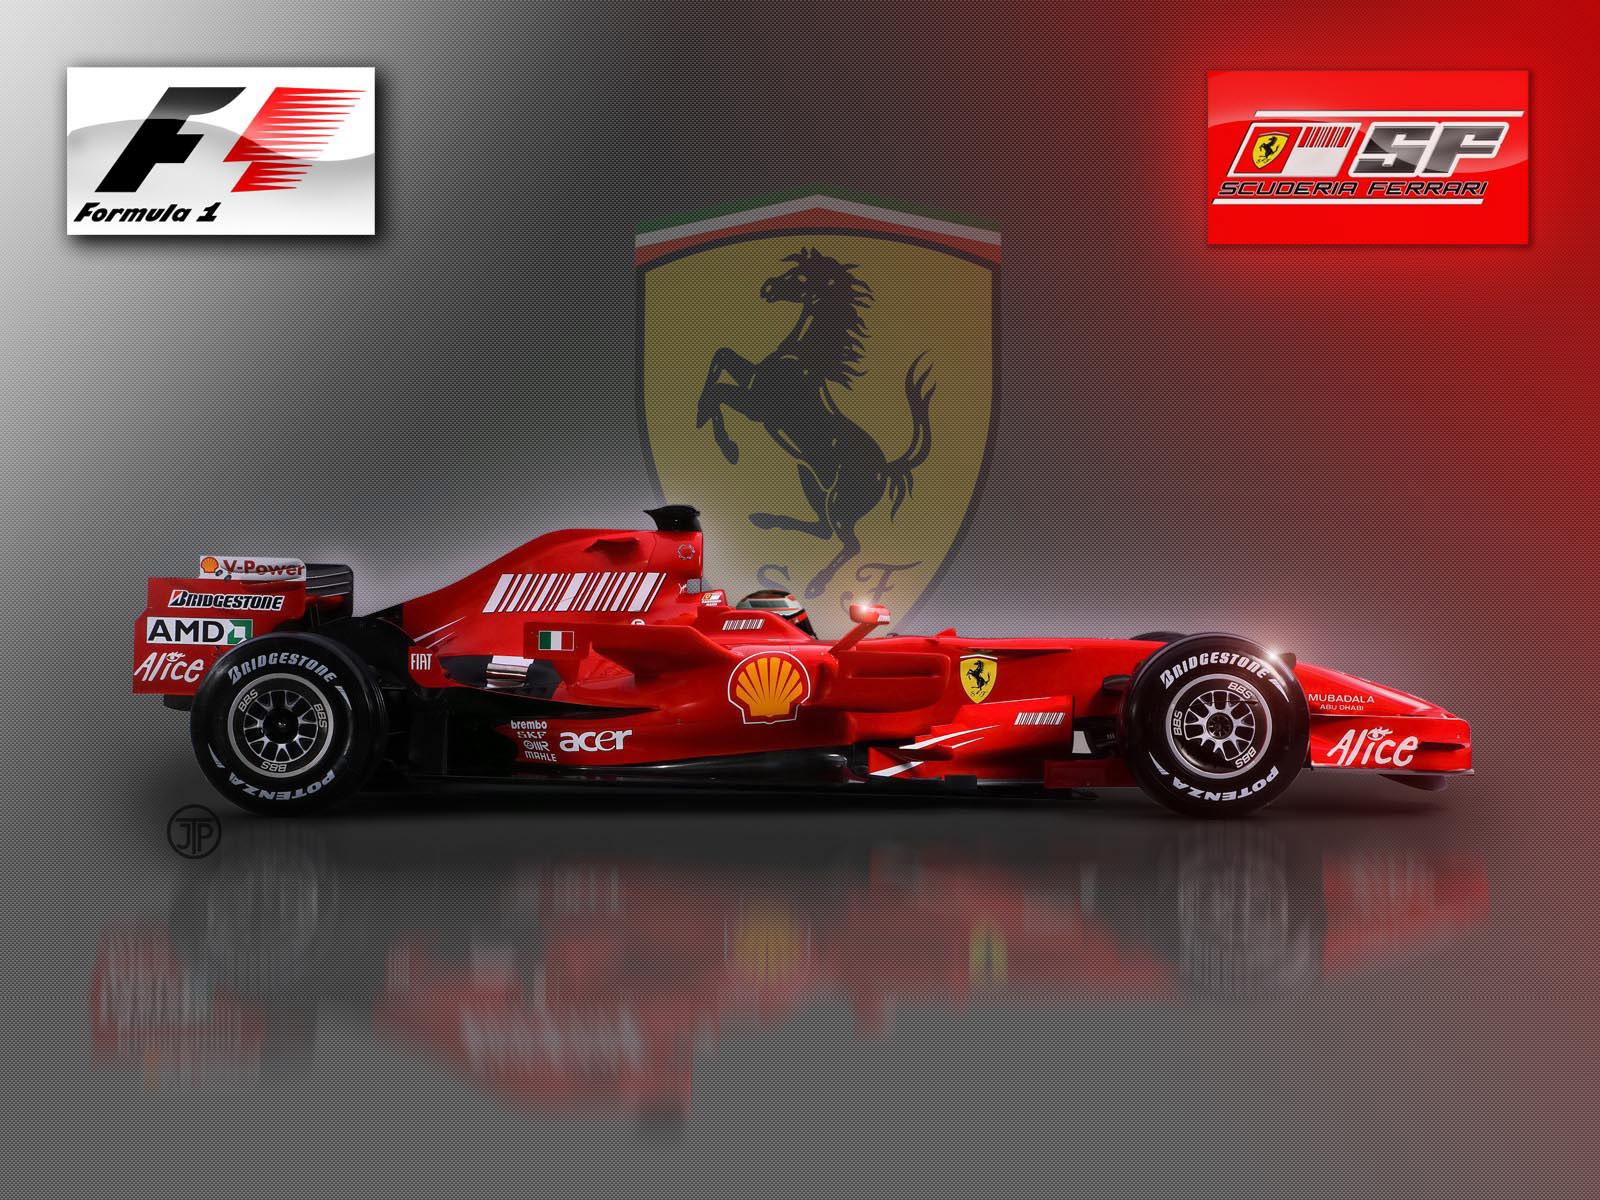 http://2.bp.blogspot.com/-eqvsRJ-1TRc/Tb0nQOwzhTI/AAAAAAAAAAw/4p1zA95QCPQ/s1600/Ferrari_f2008_Wallpaper_by_tmr5555.jpg